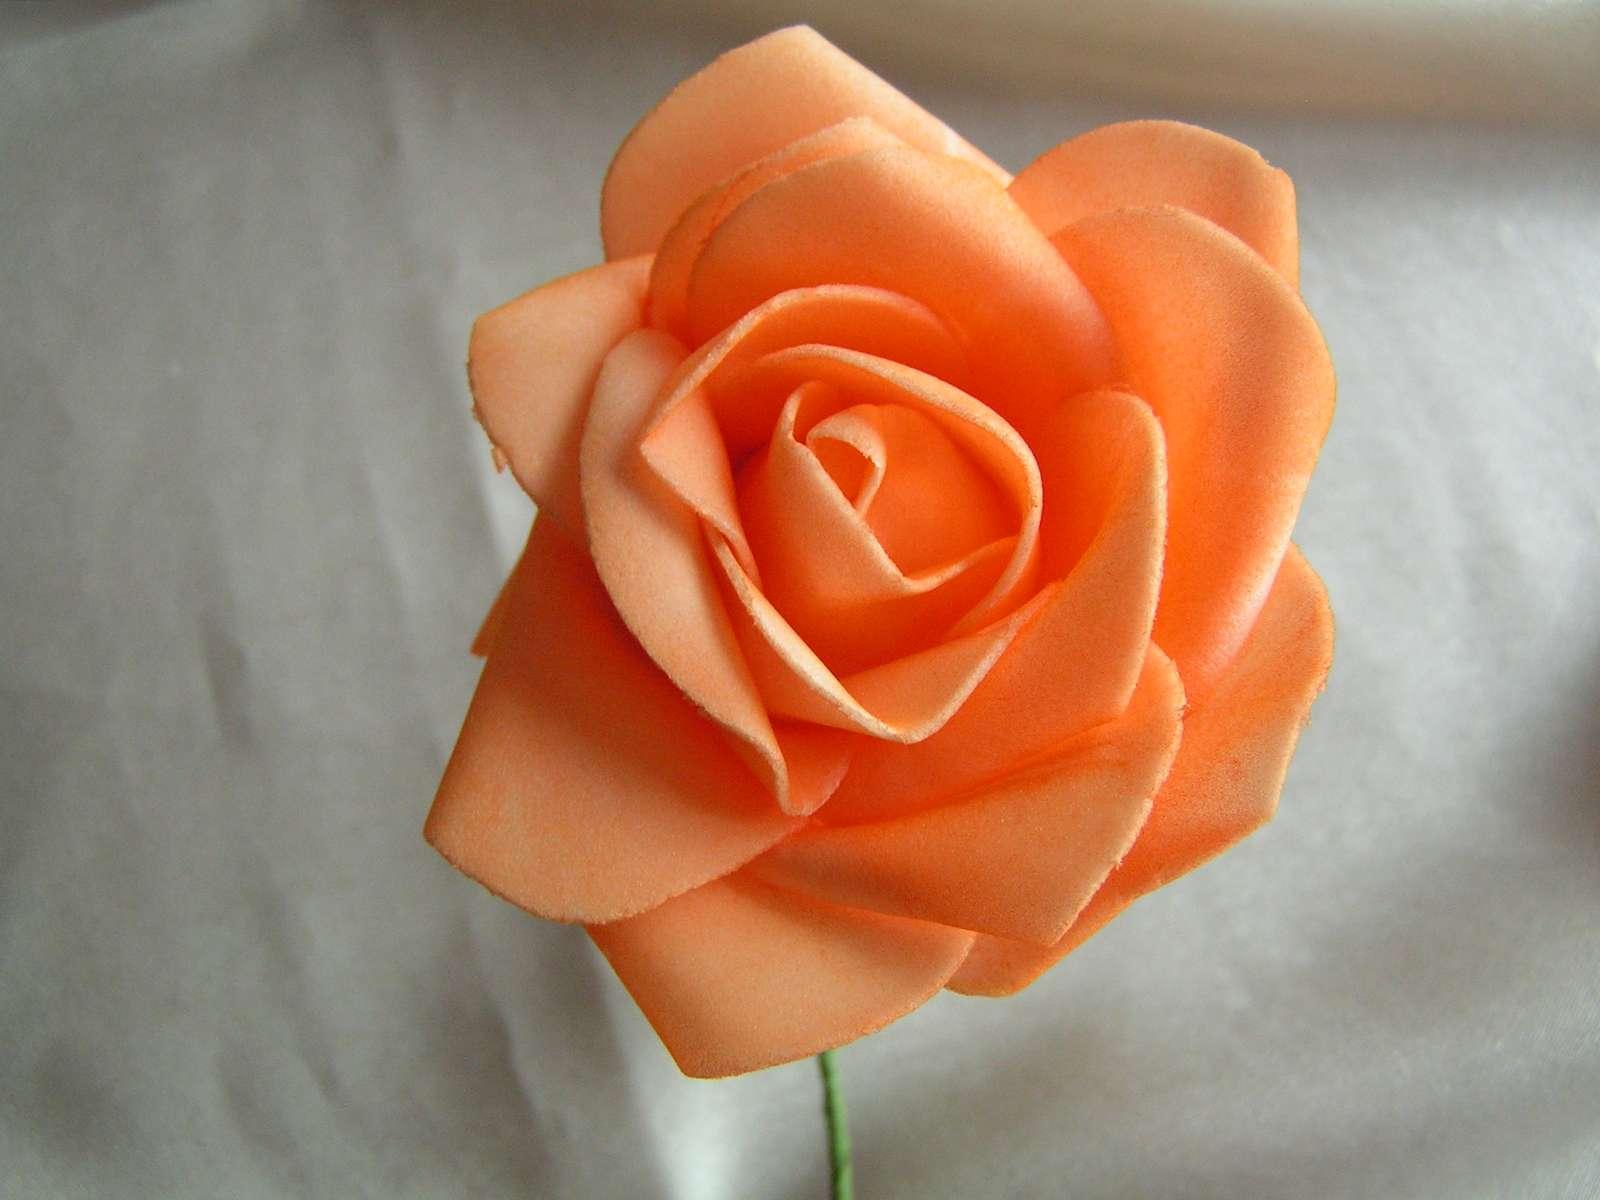 Oranžová pěnová růže 7 cm - Obrázek č. 1